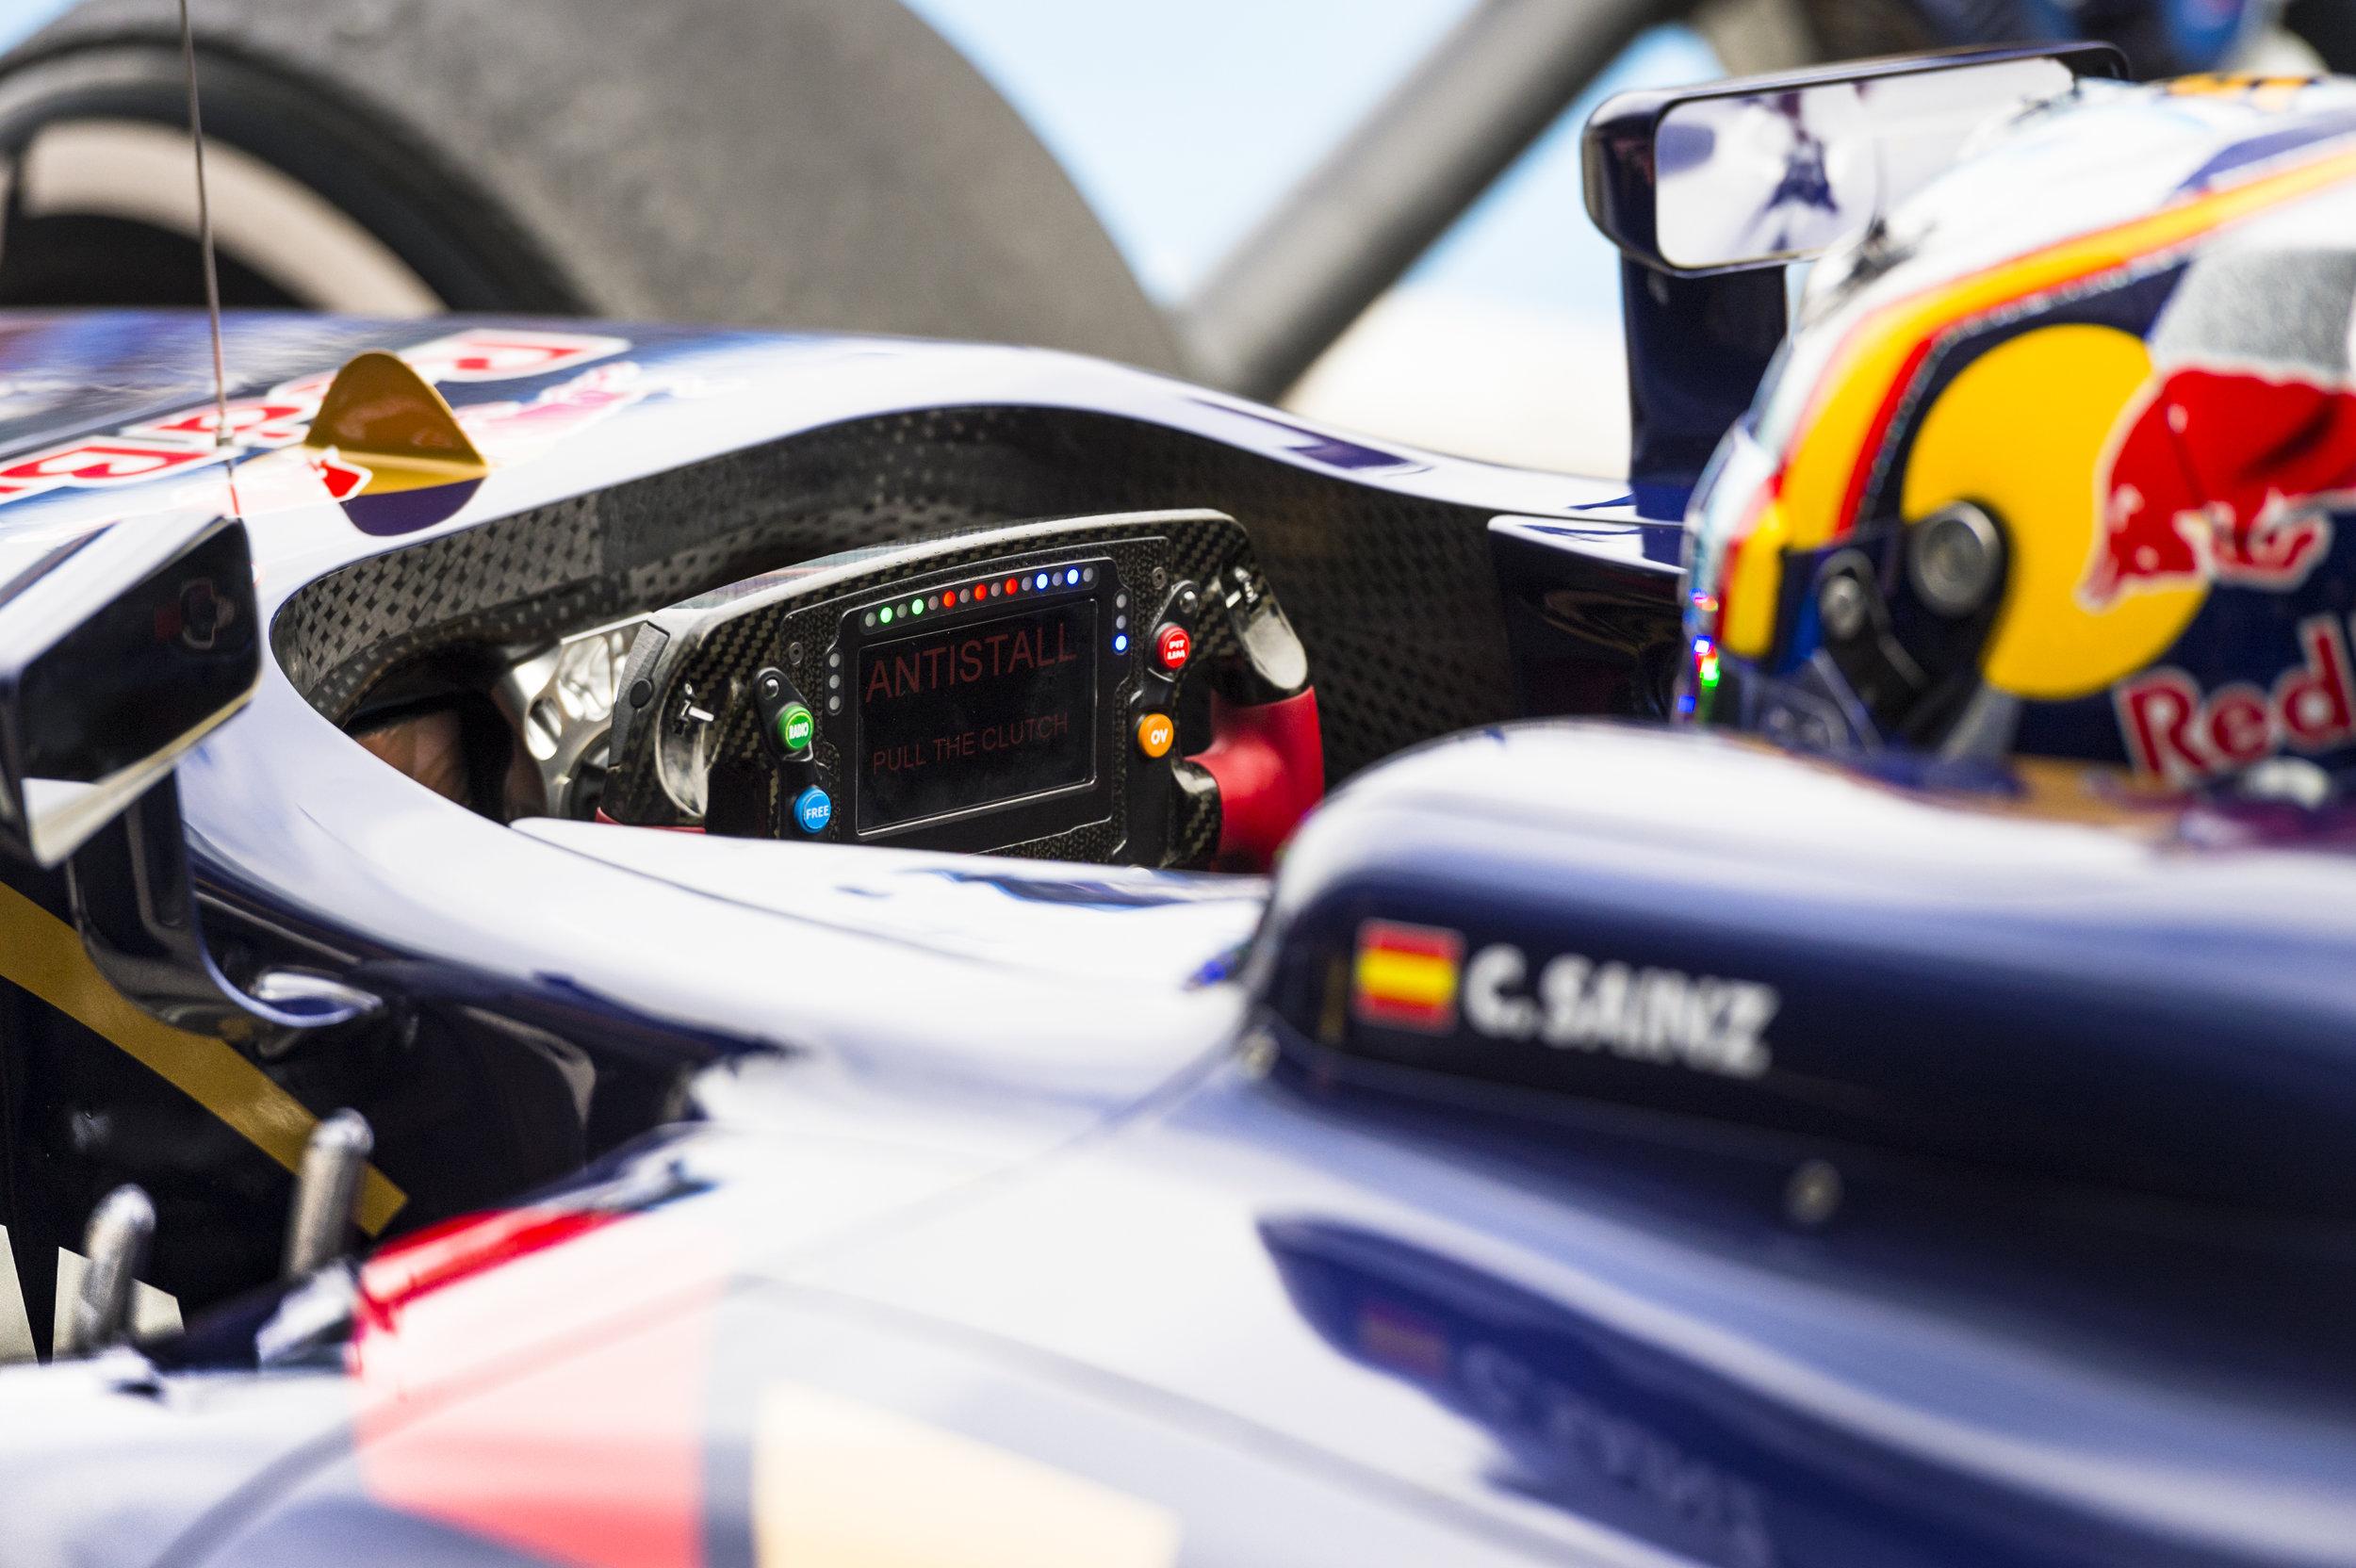 Carlos Sainz Jerez 2015 (1004 of 7).jpg